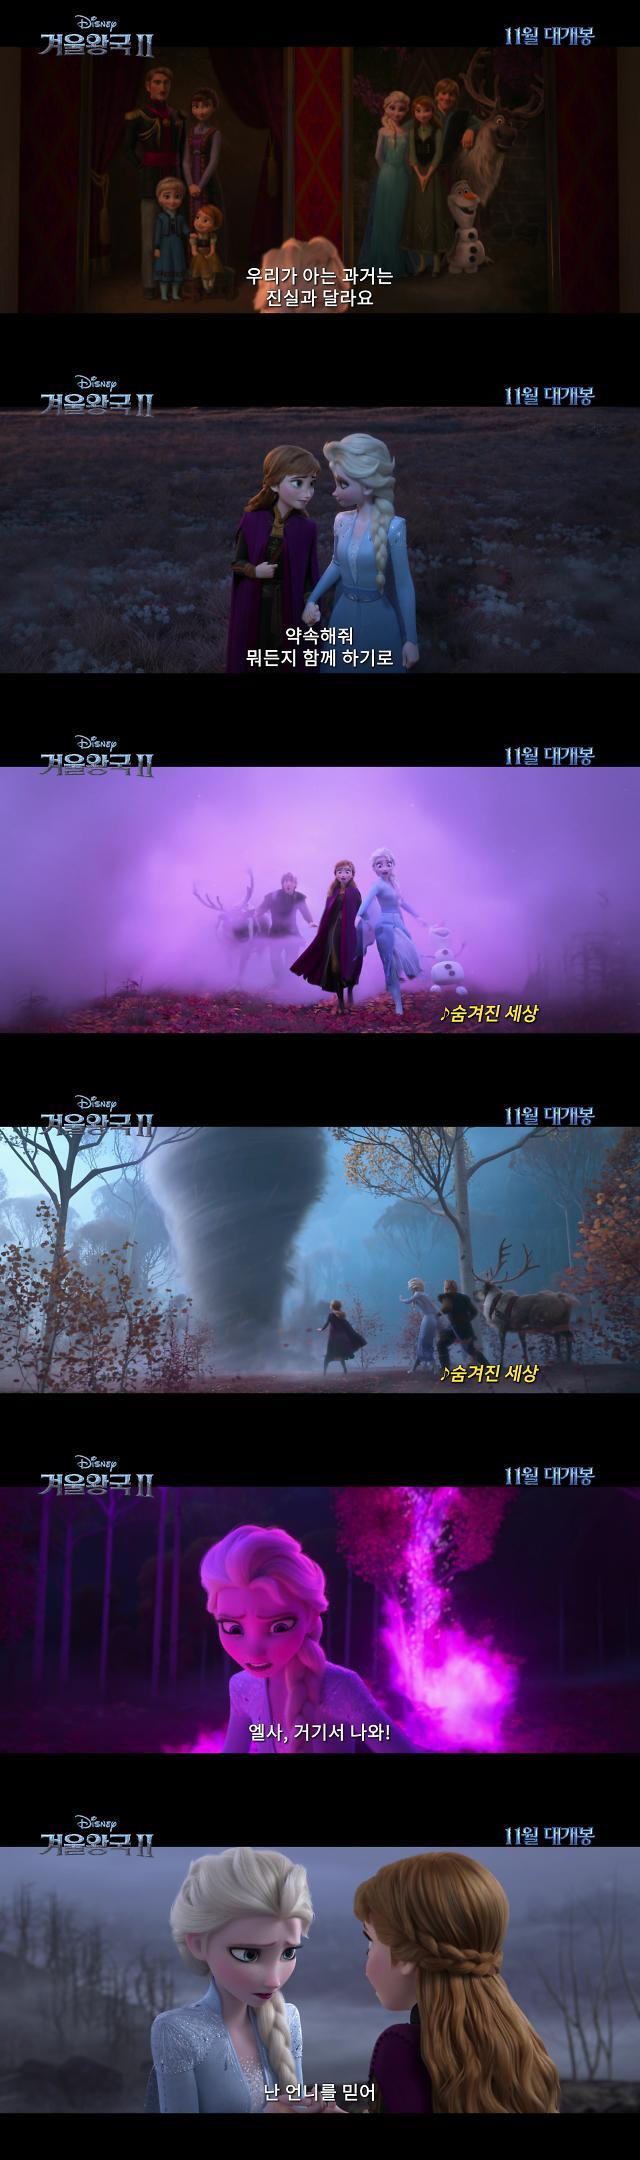 청하·리치, 콜라보 신곡 디즈 나잇 MV 티저 공개…완벽 호흡 눈길